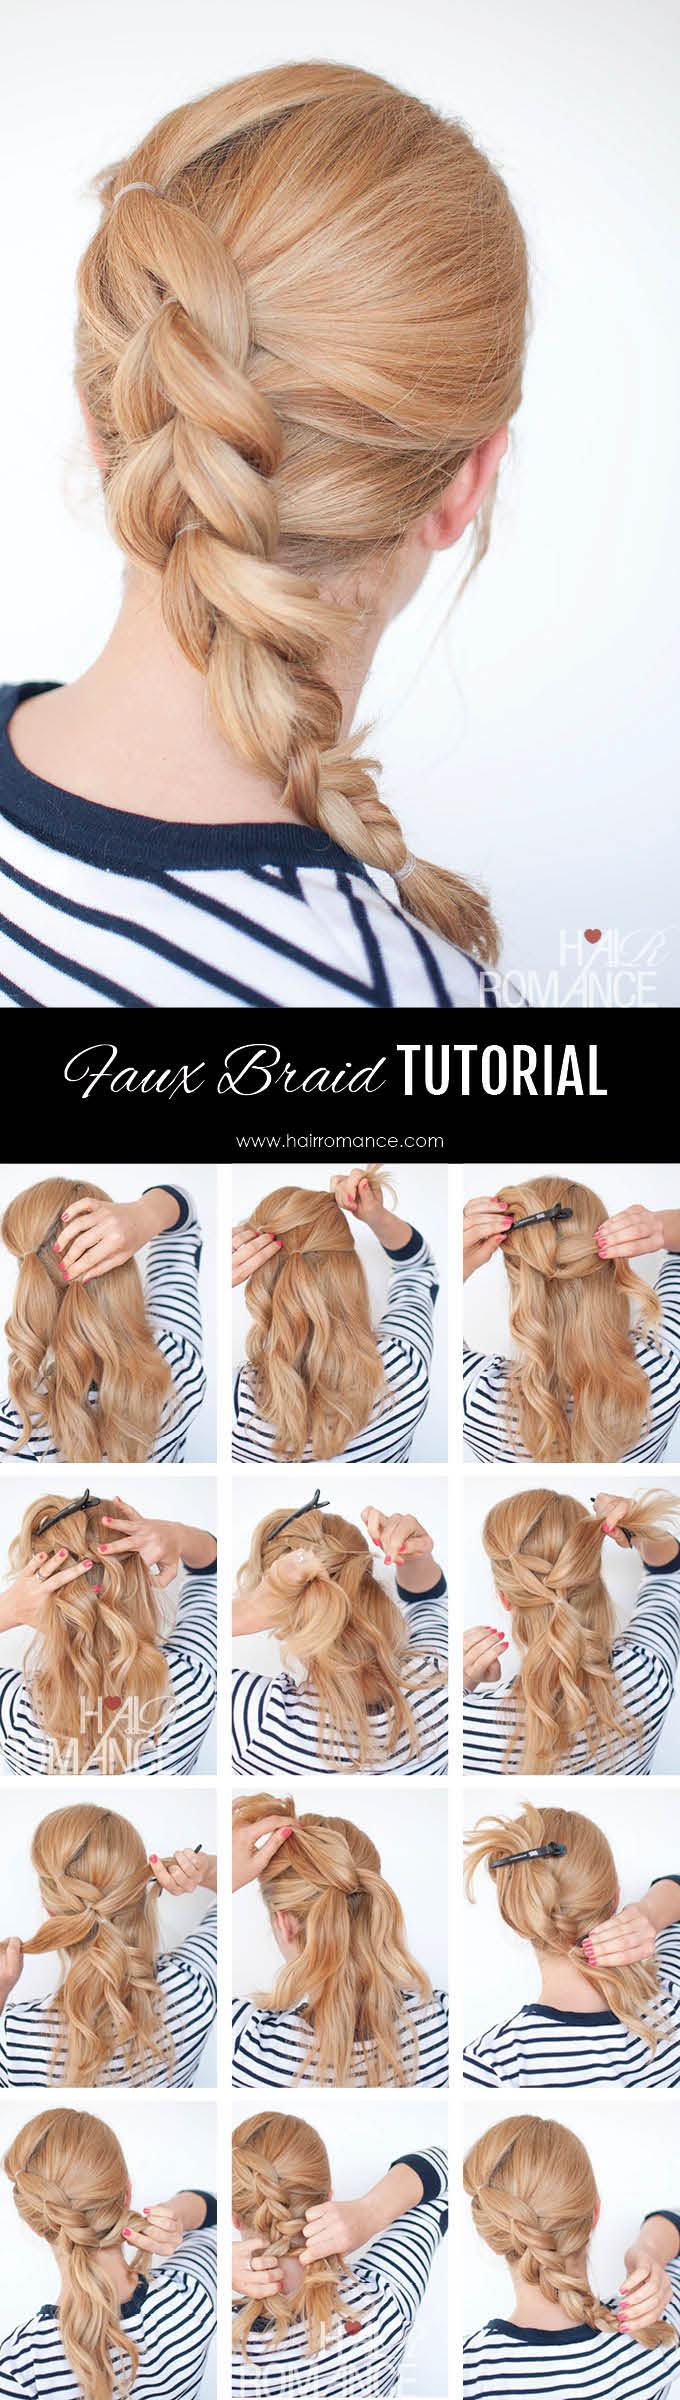 Braid Cheat Pull Through Braid Tutorial